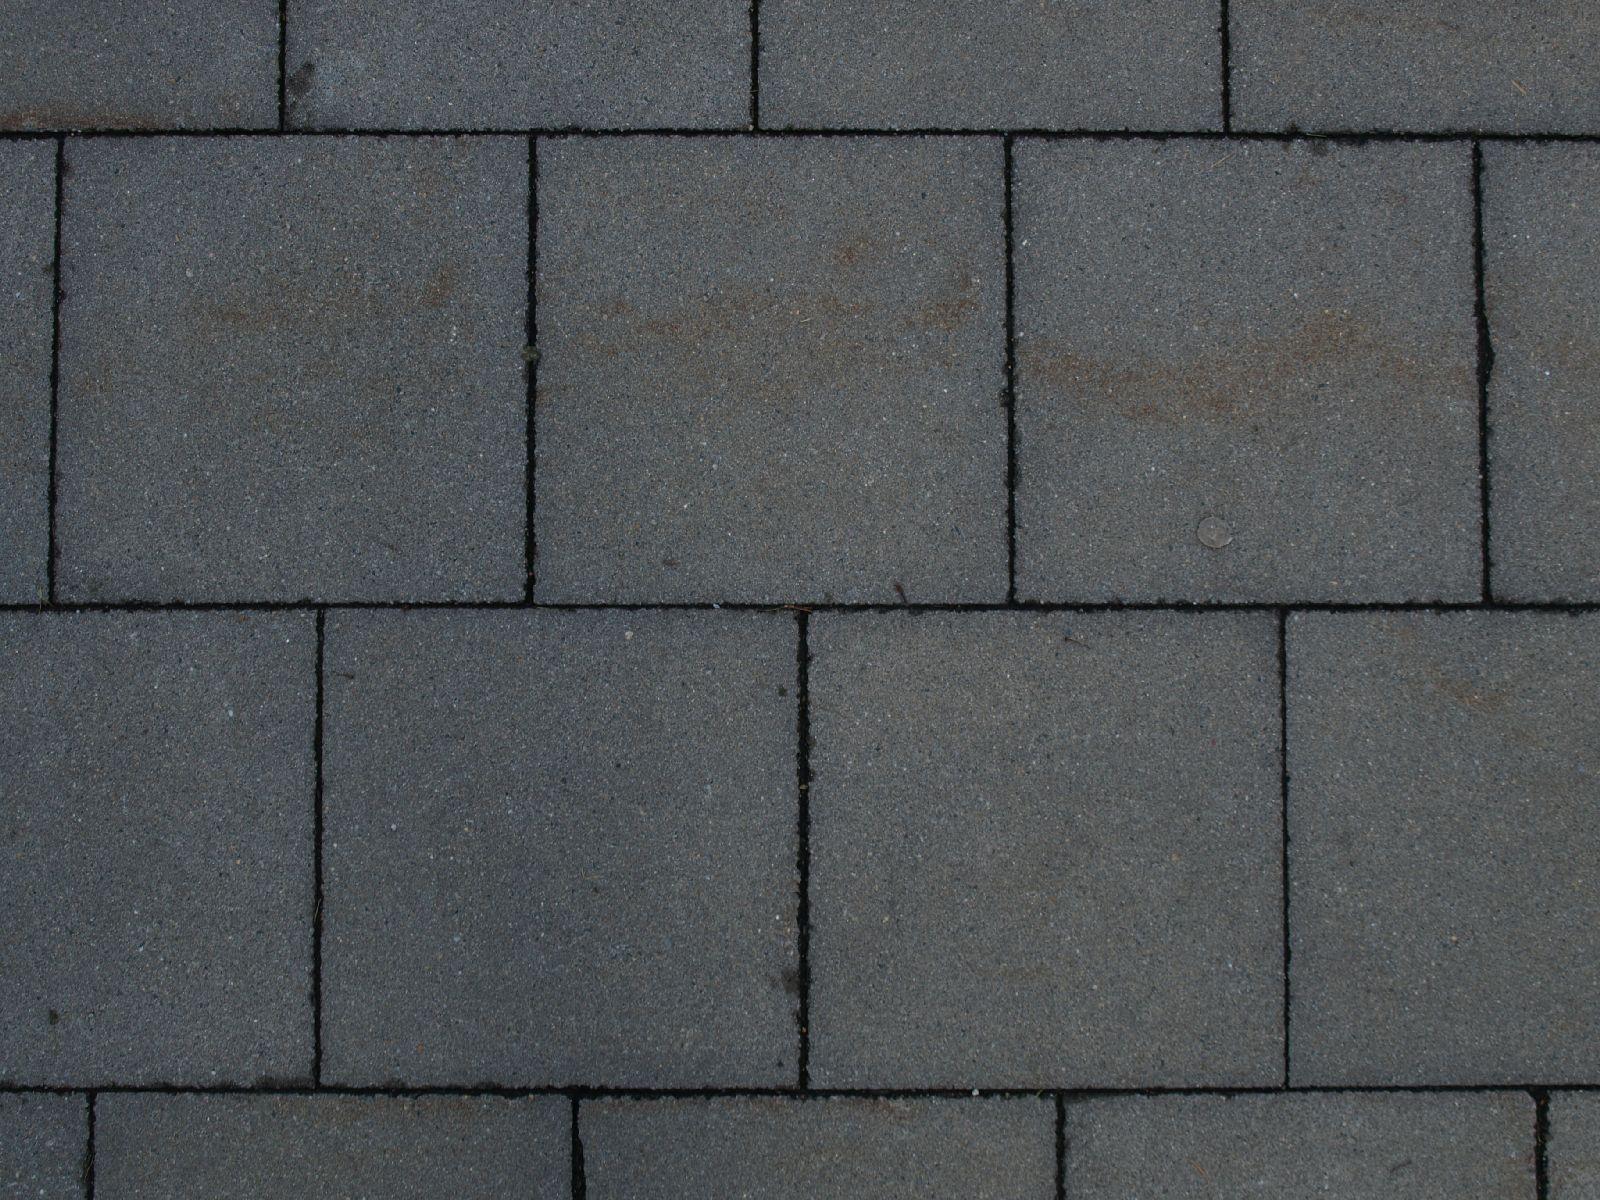 Ground-Urban_Texture_A_P8234593